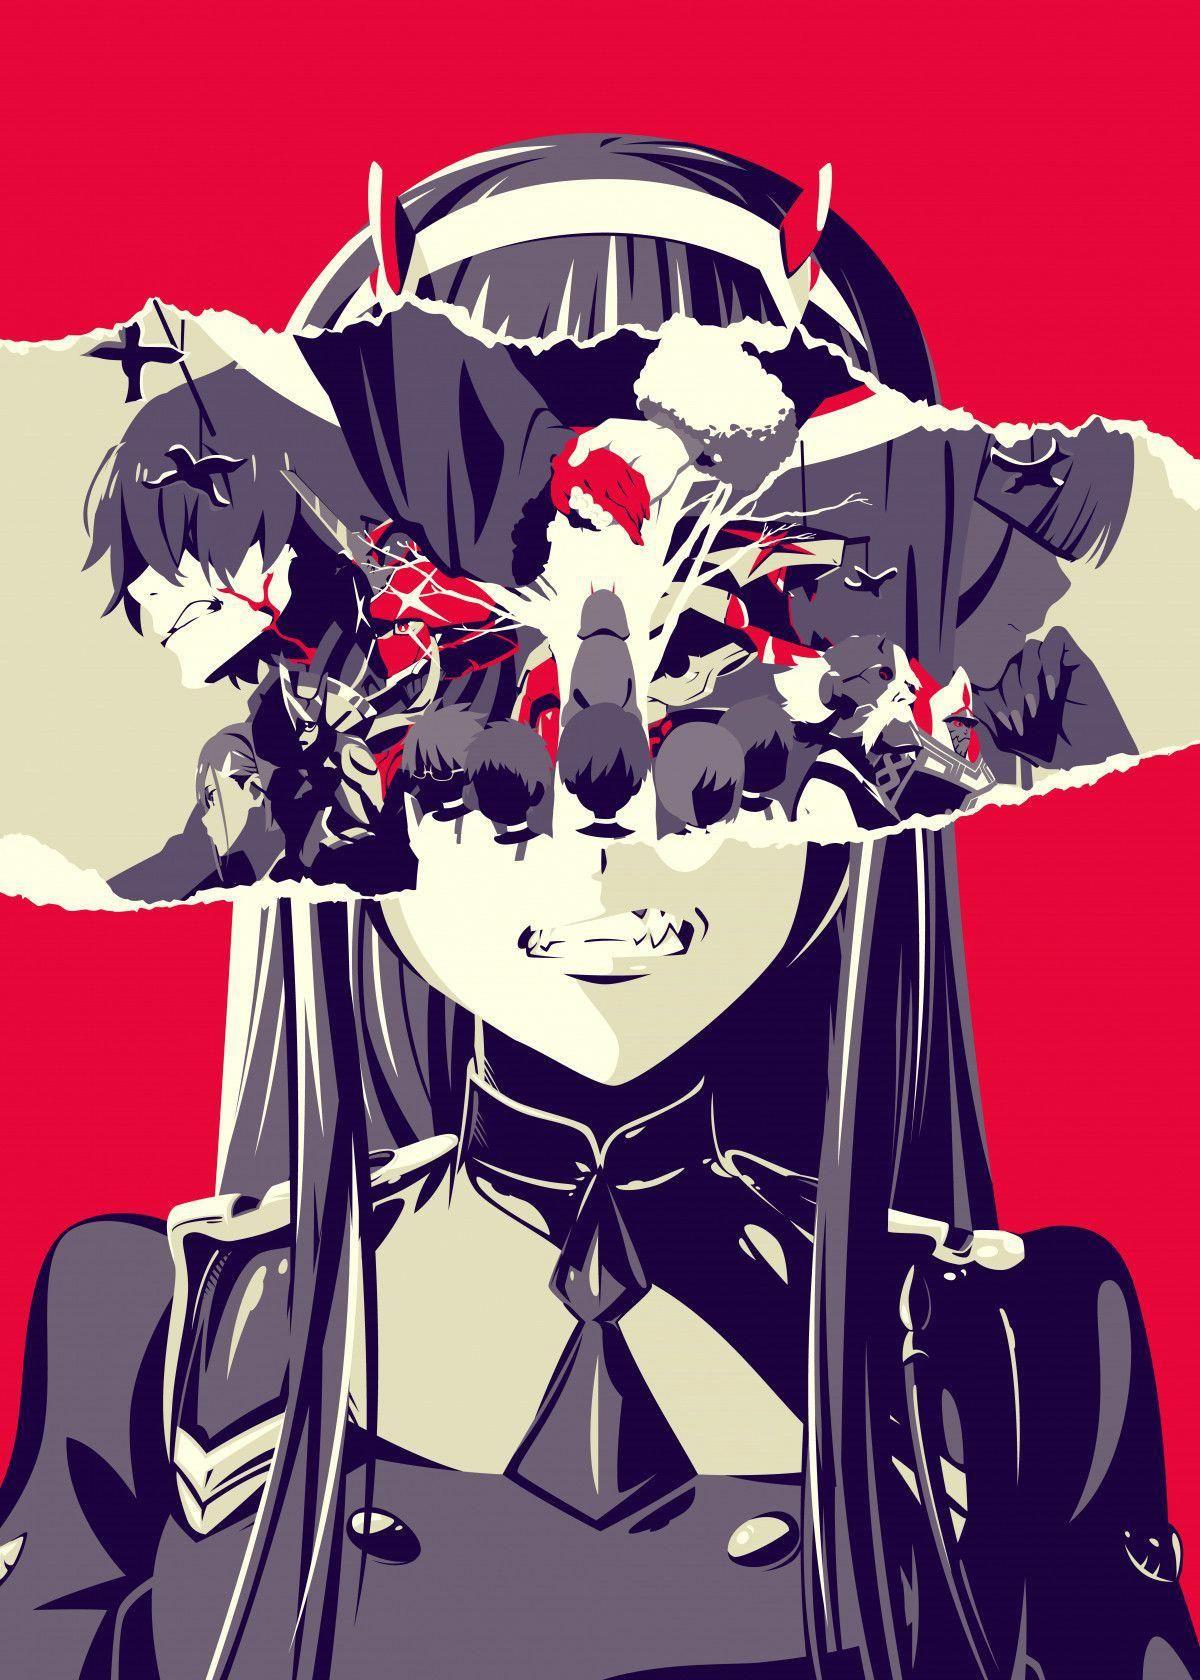 Rage Anime & Manga Poster Print metal posters Displate